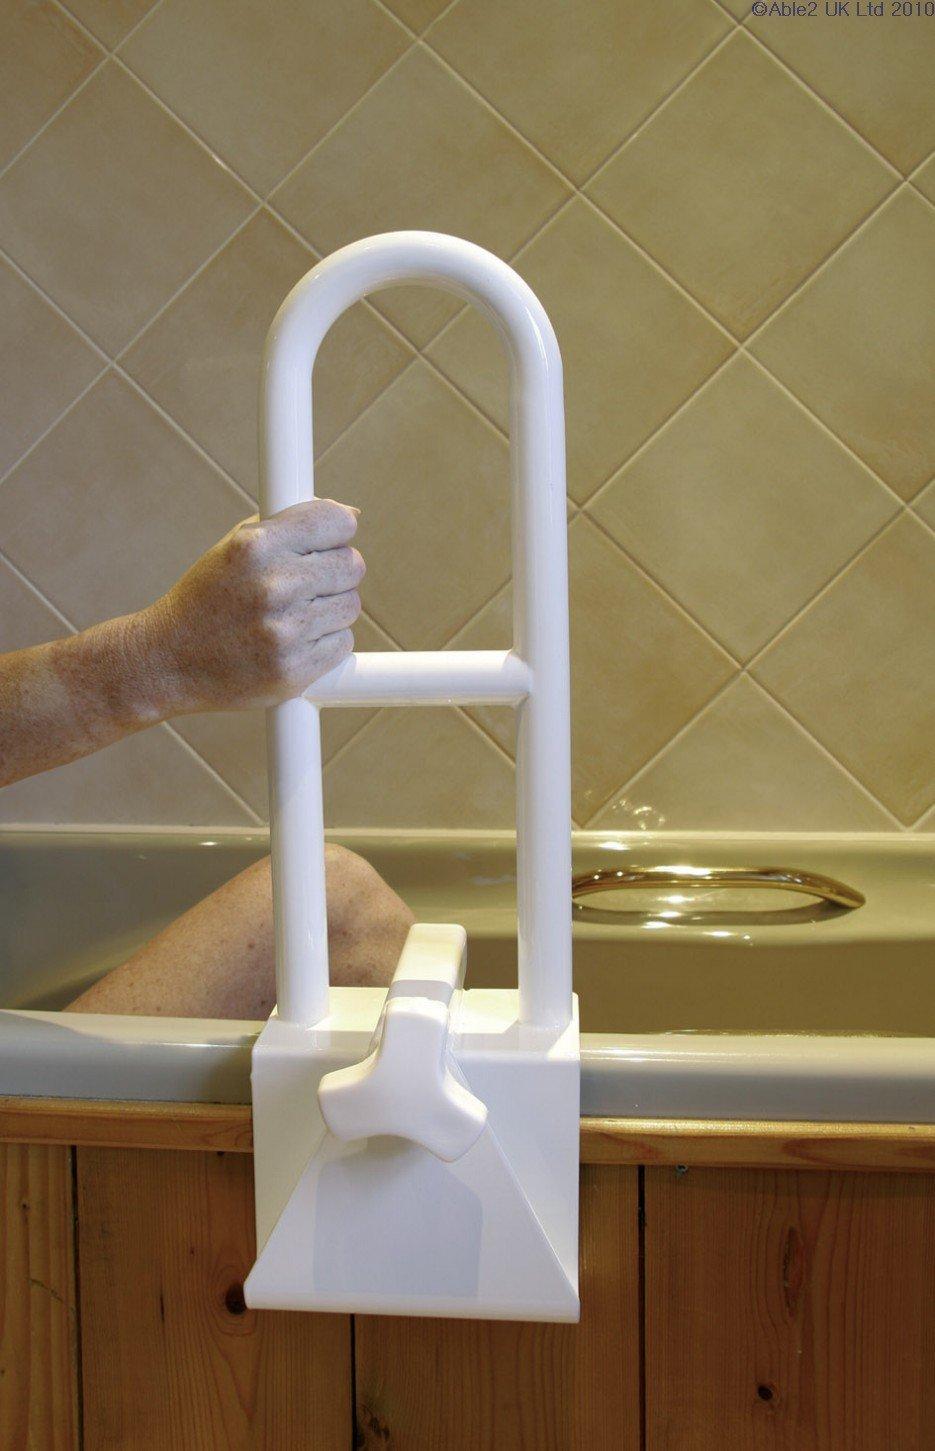 Bath Tub Grab Bar Mobility Pitstop